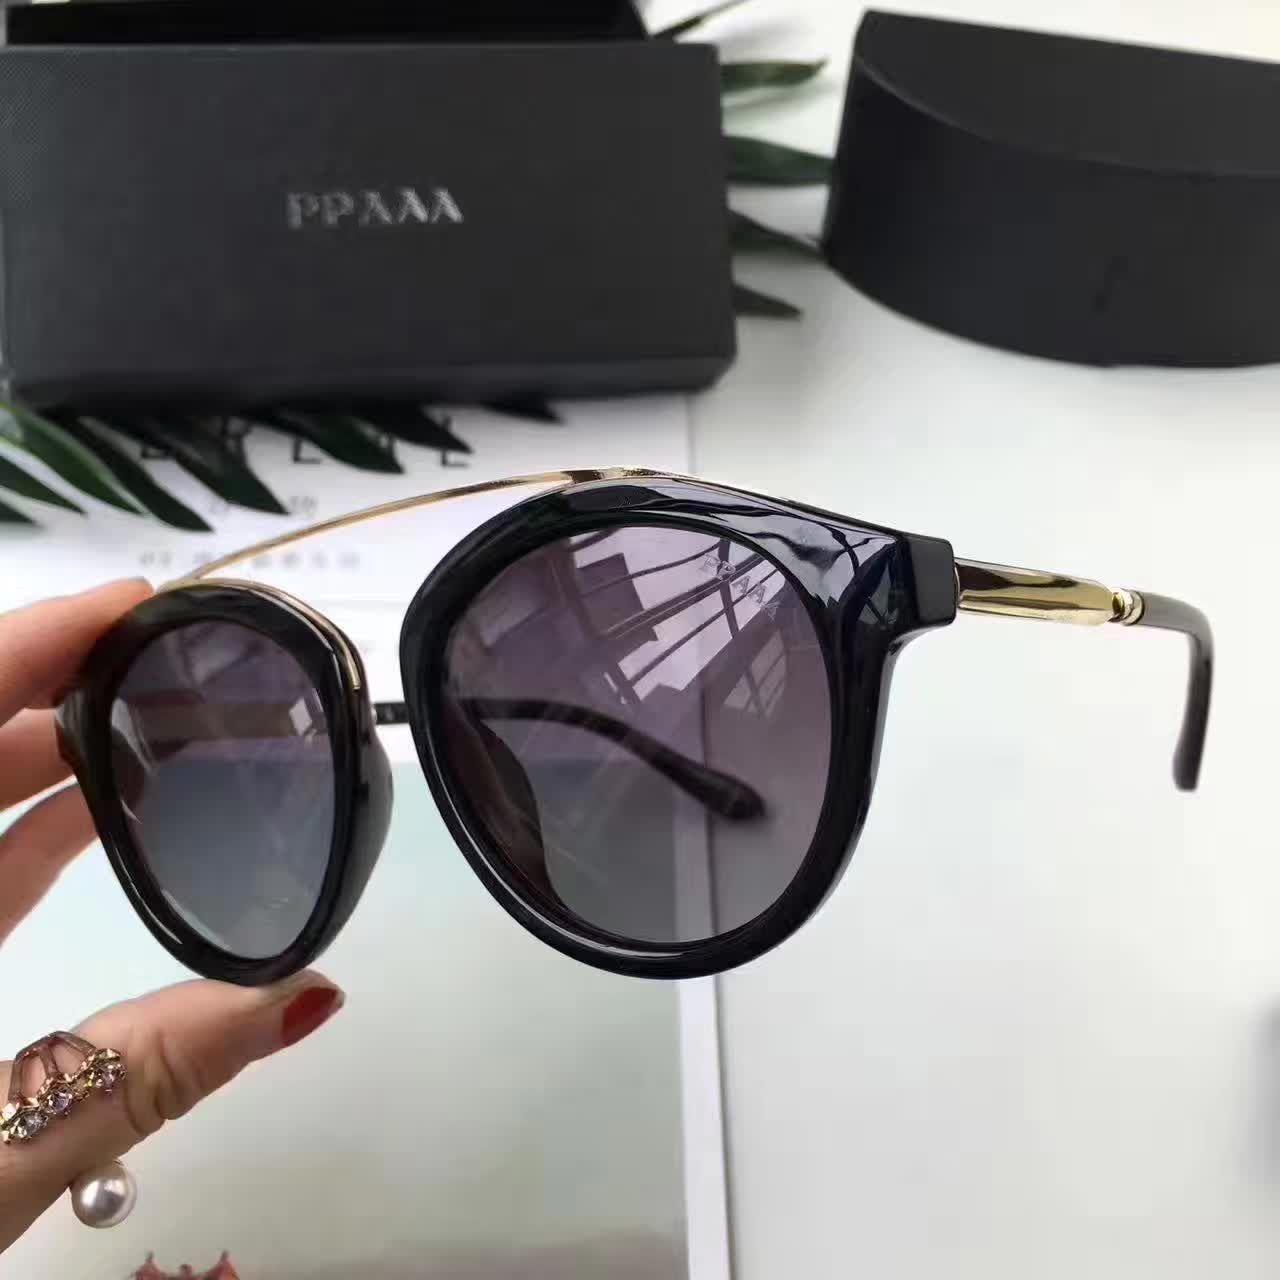 f288d726c2 Compre 2017 Gafas De Sol Polarizadas De Alta Calidad Diseñador De Moda  Anteojos Ocio Al Aire Libre Sombrilla Gafas De Sol De Marca De Gama Alta  Con Caja A ...